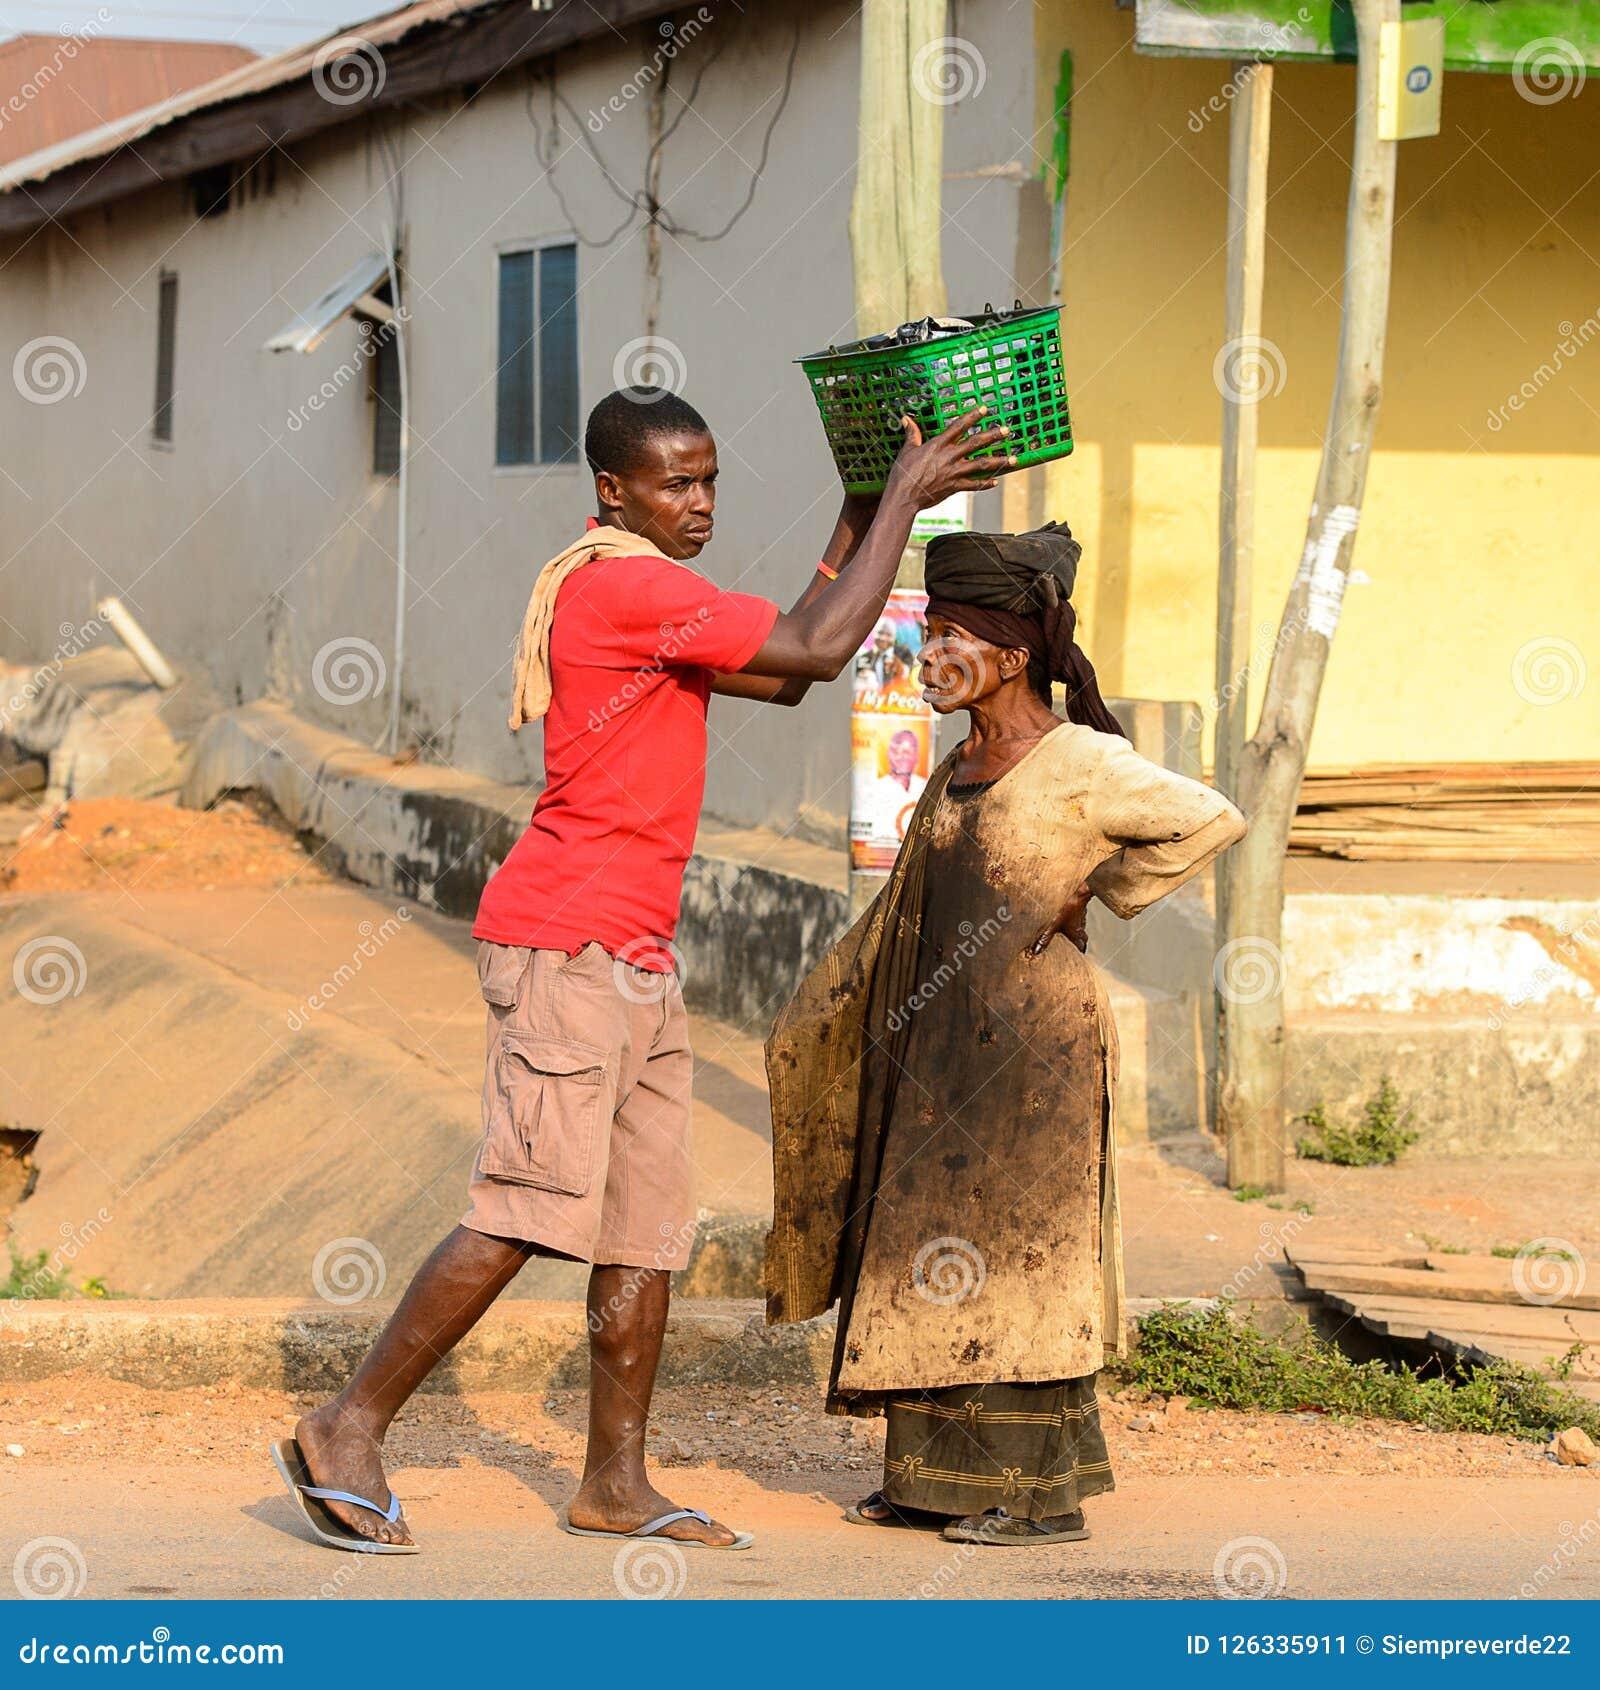 Unidentified Ghanaian man puts a basket on woman s head in loca